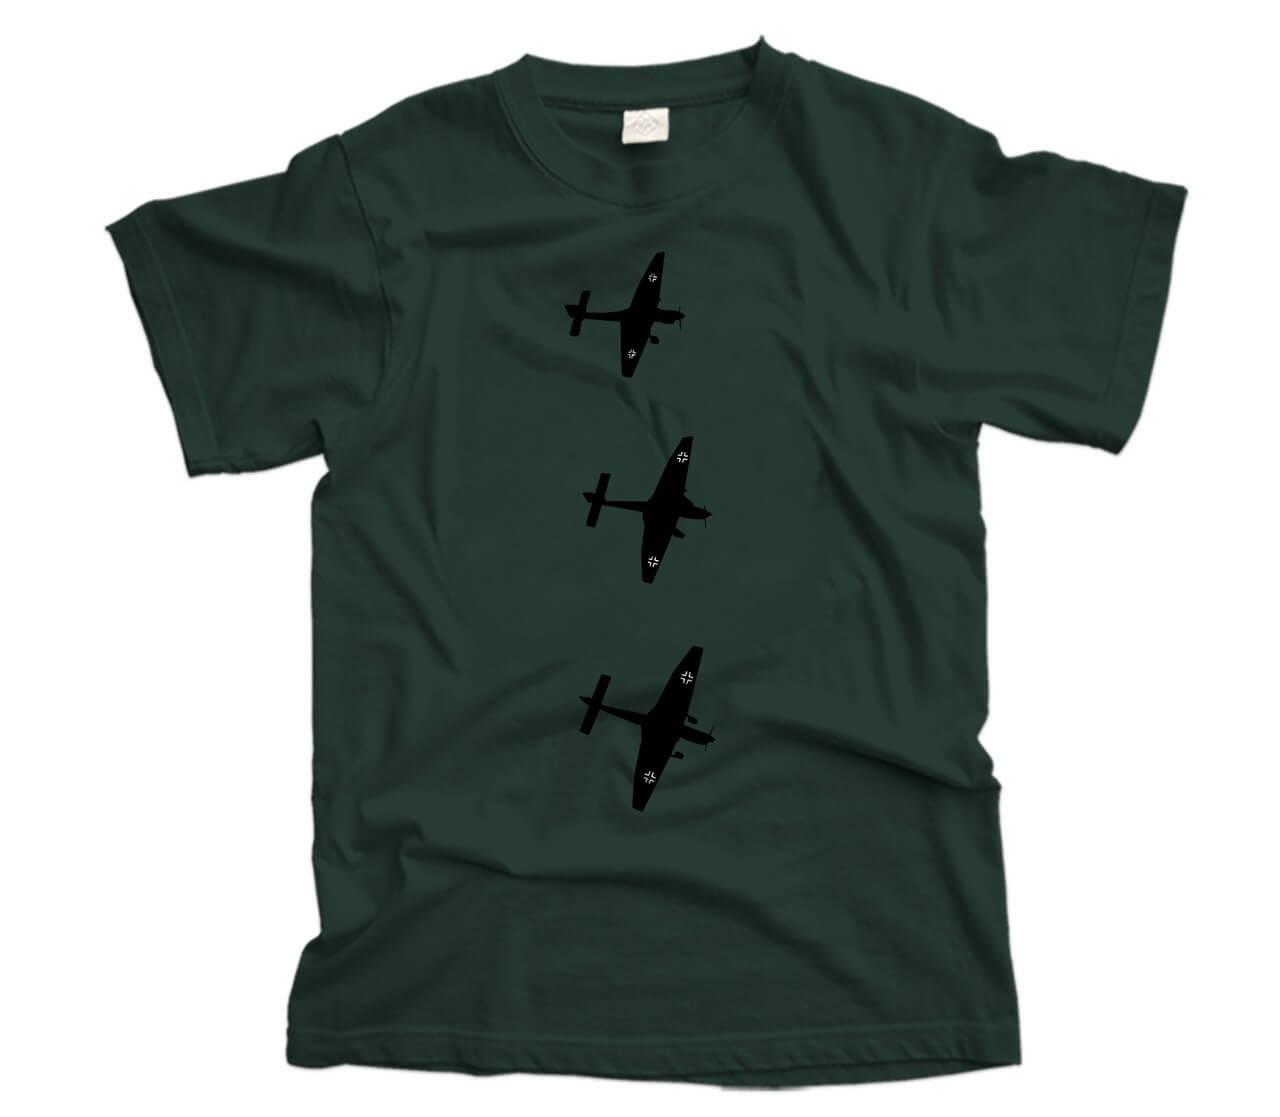 Stuka Dive Bombers Aircraft T-Shirt